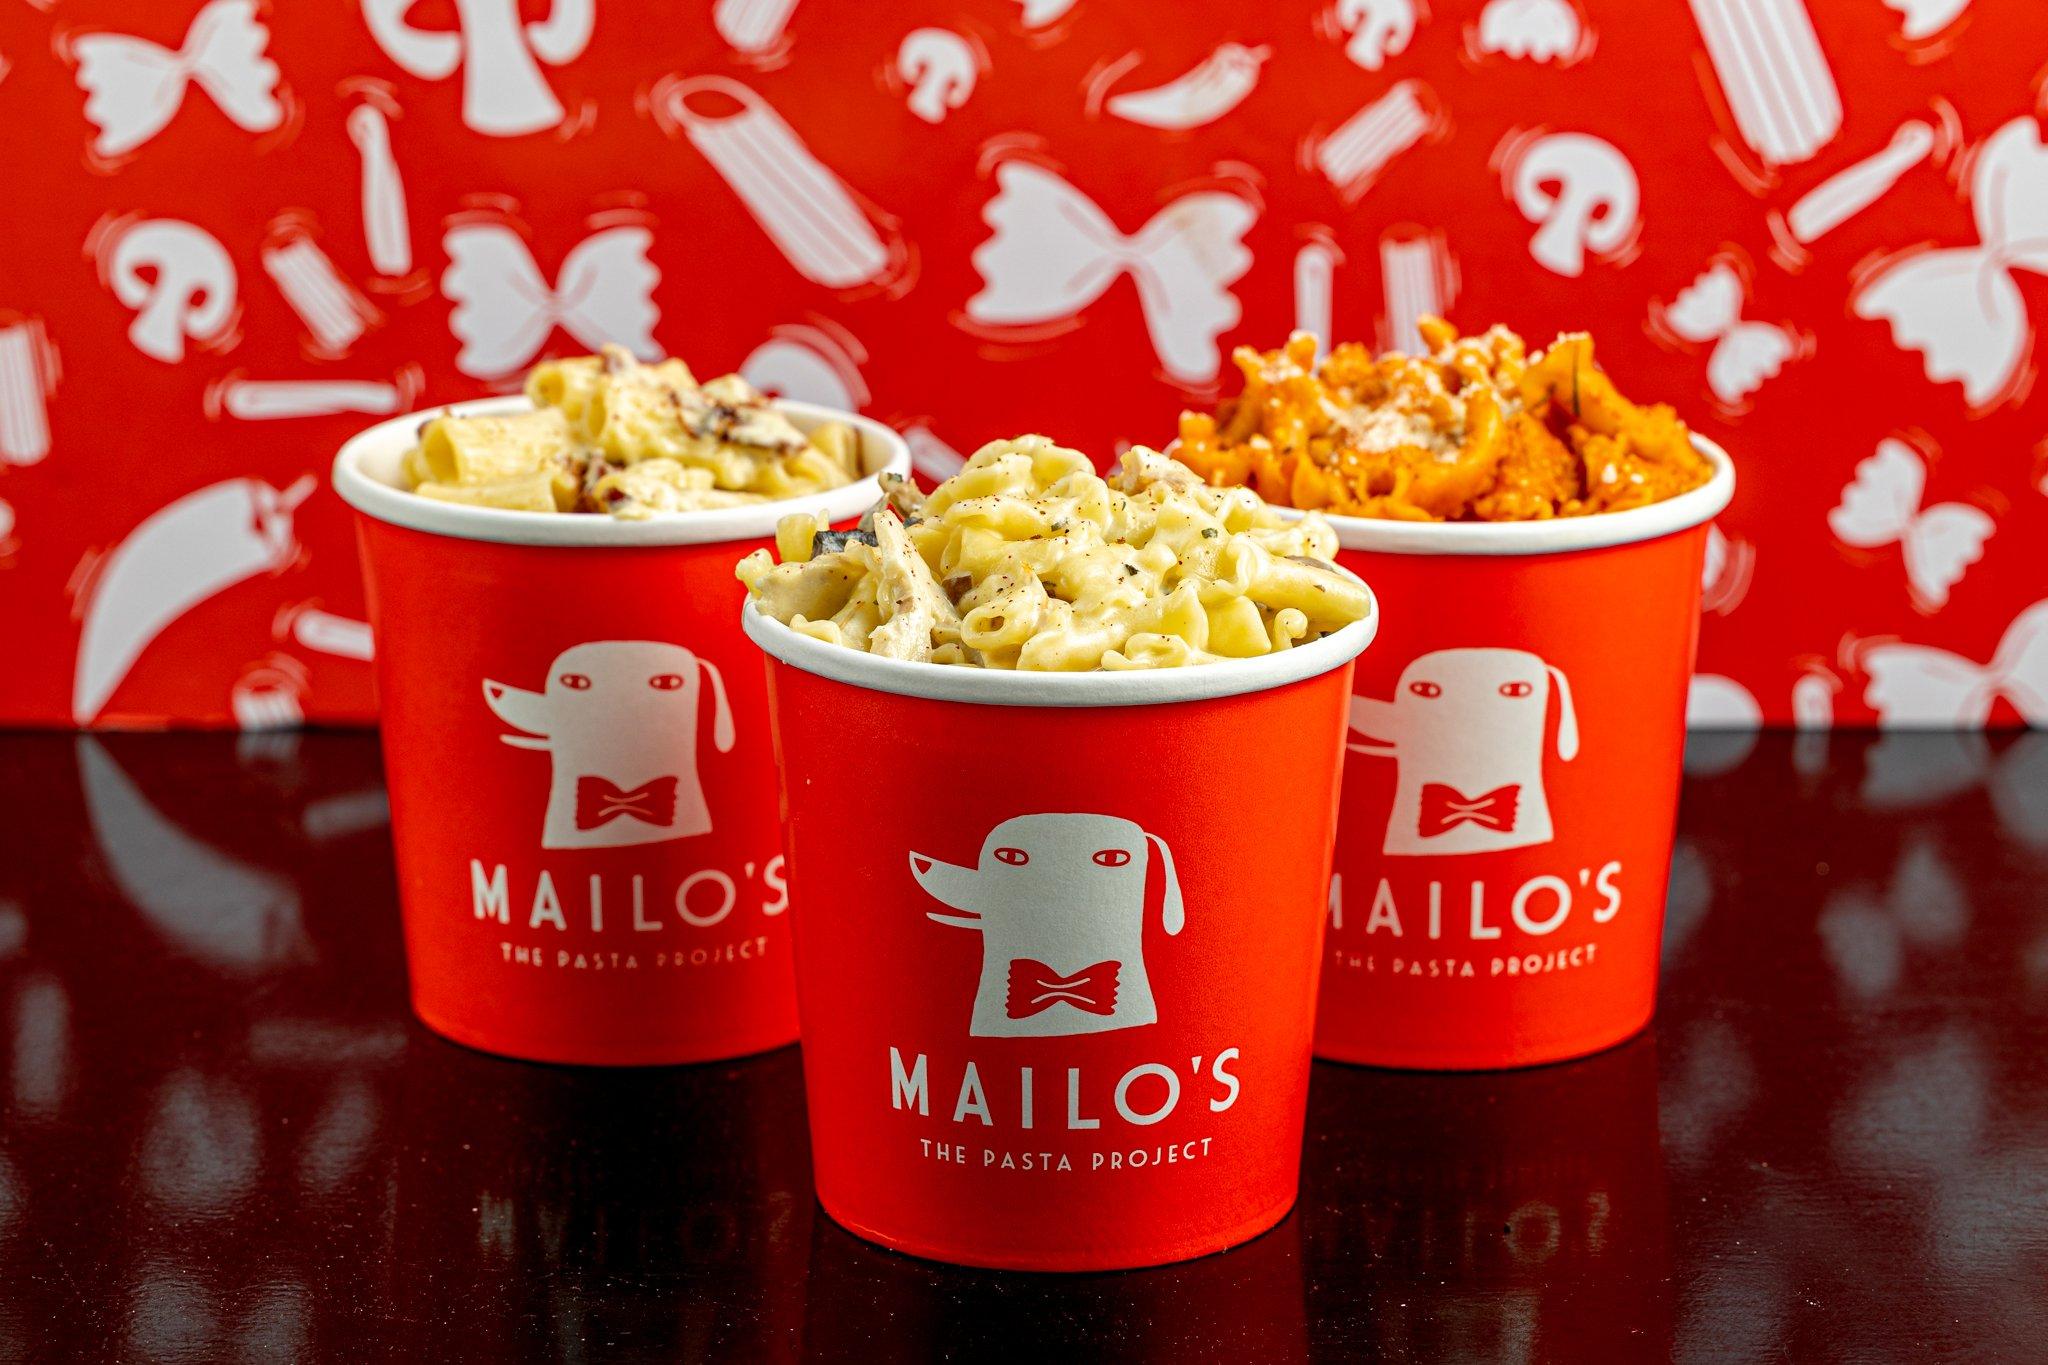 Το σύστημα franchise Mailo's εξασφαλίζει την κερδοφορία